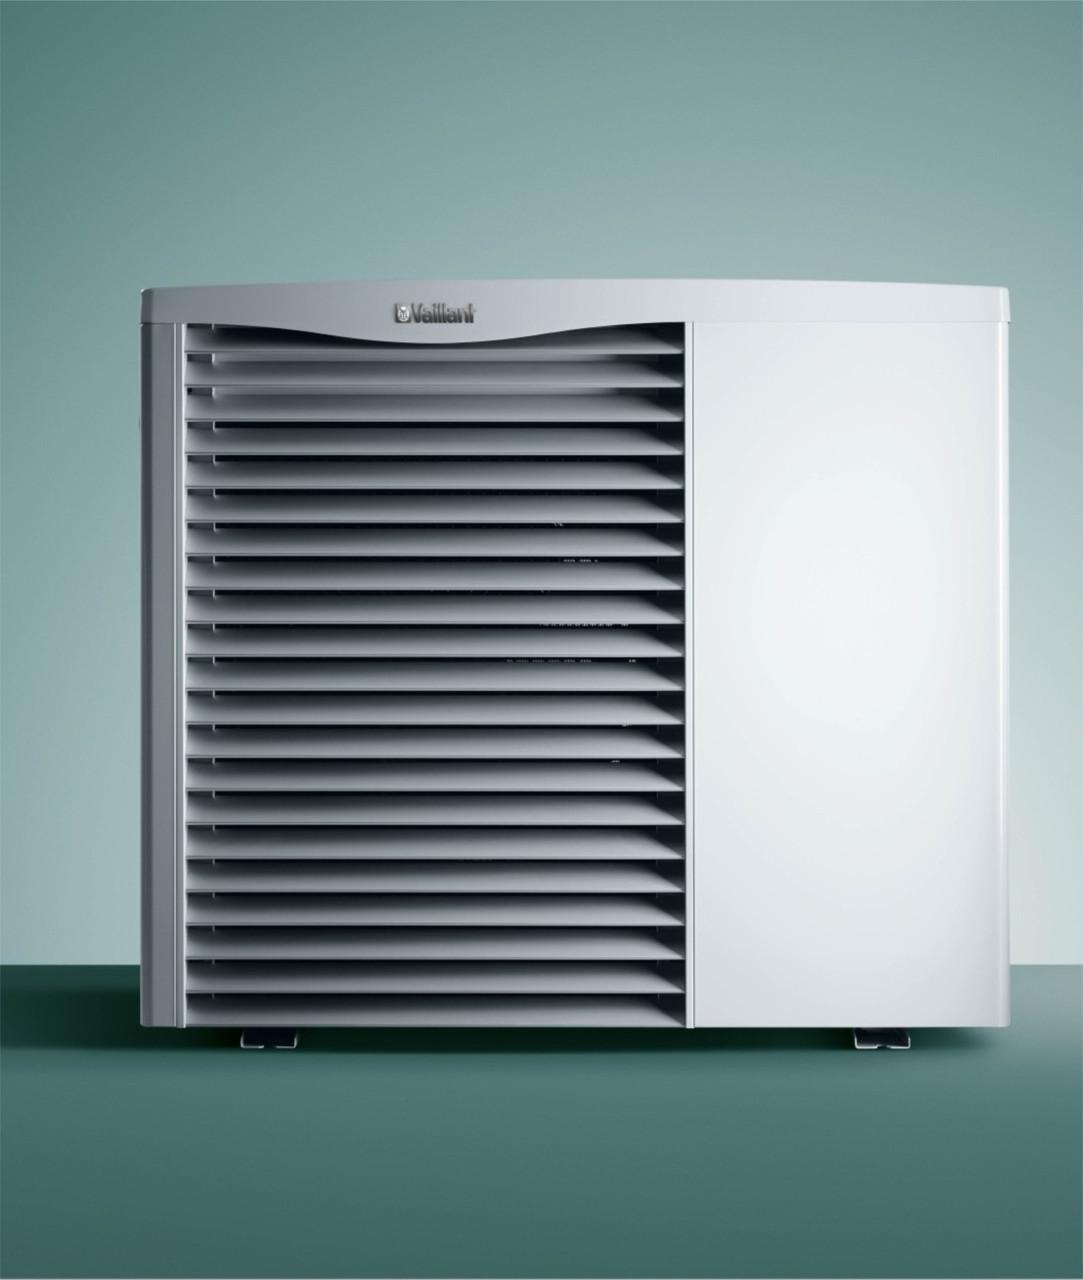 Тепловой насос для отопления, горячего водоснабжения и охлаждения Vaillant aroTHERM VWL 115/2 A 400 V Пакет